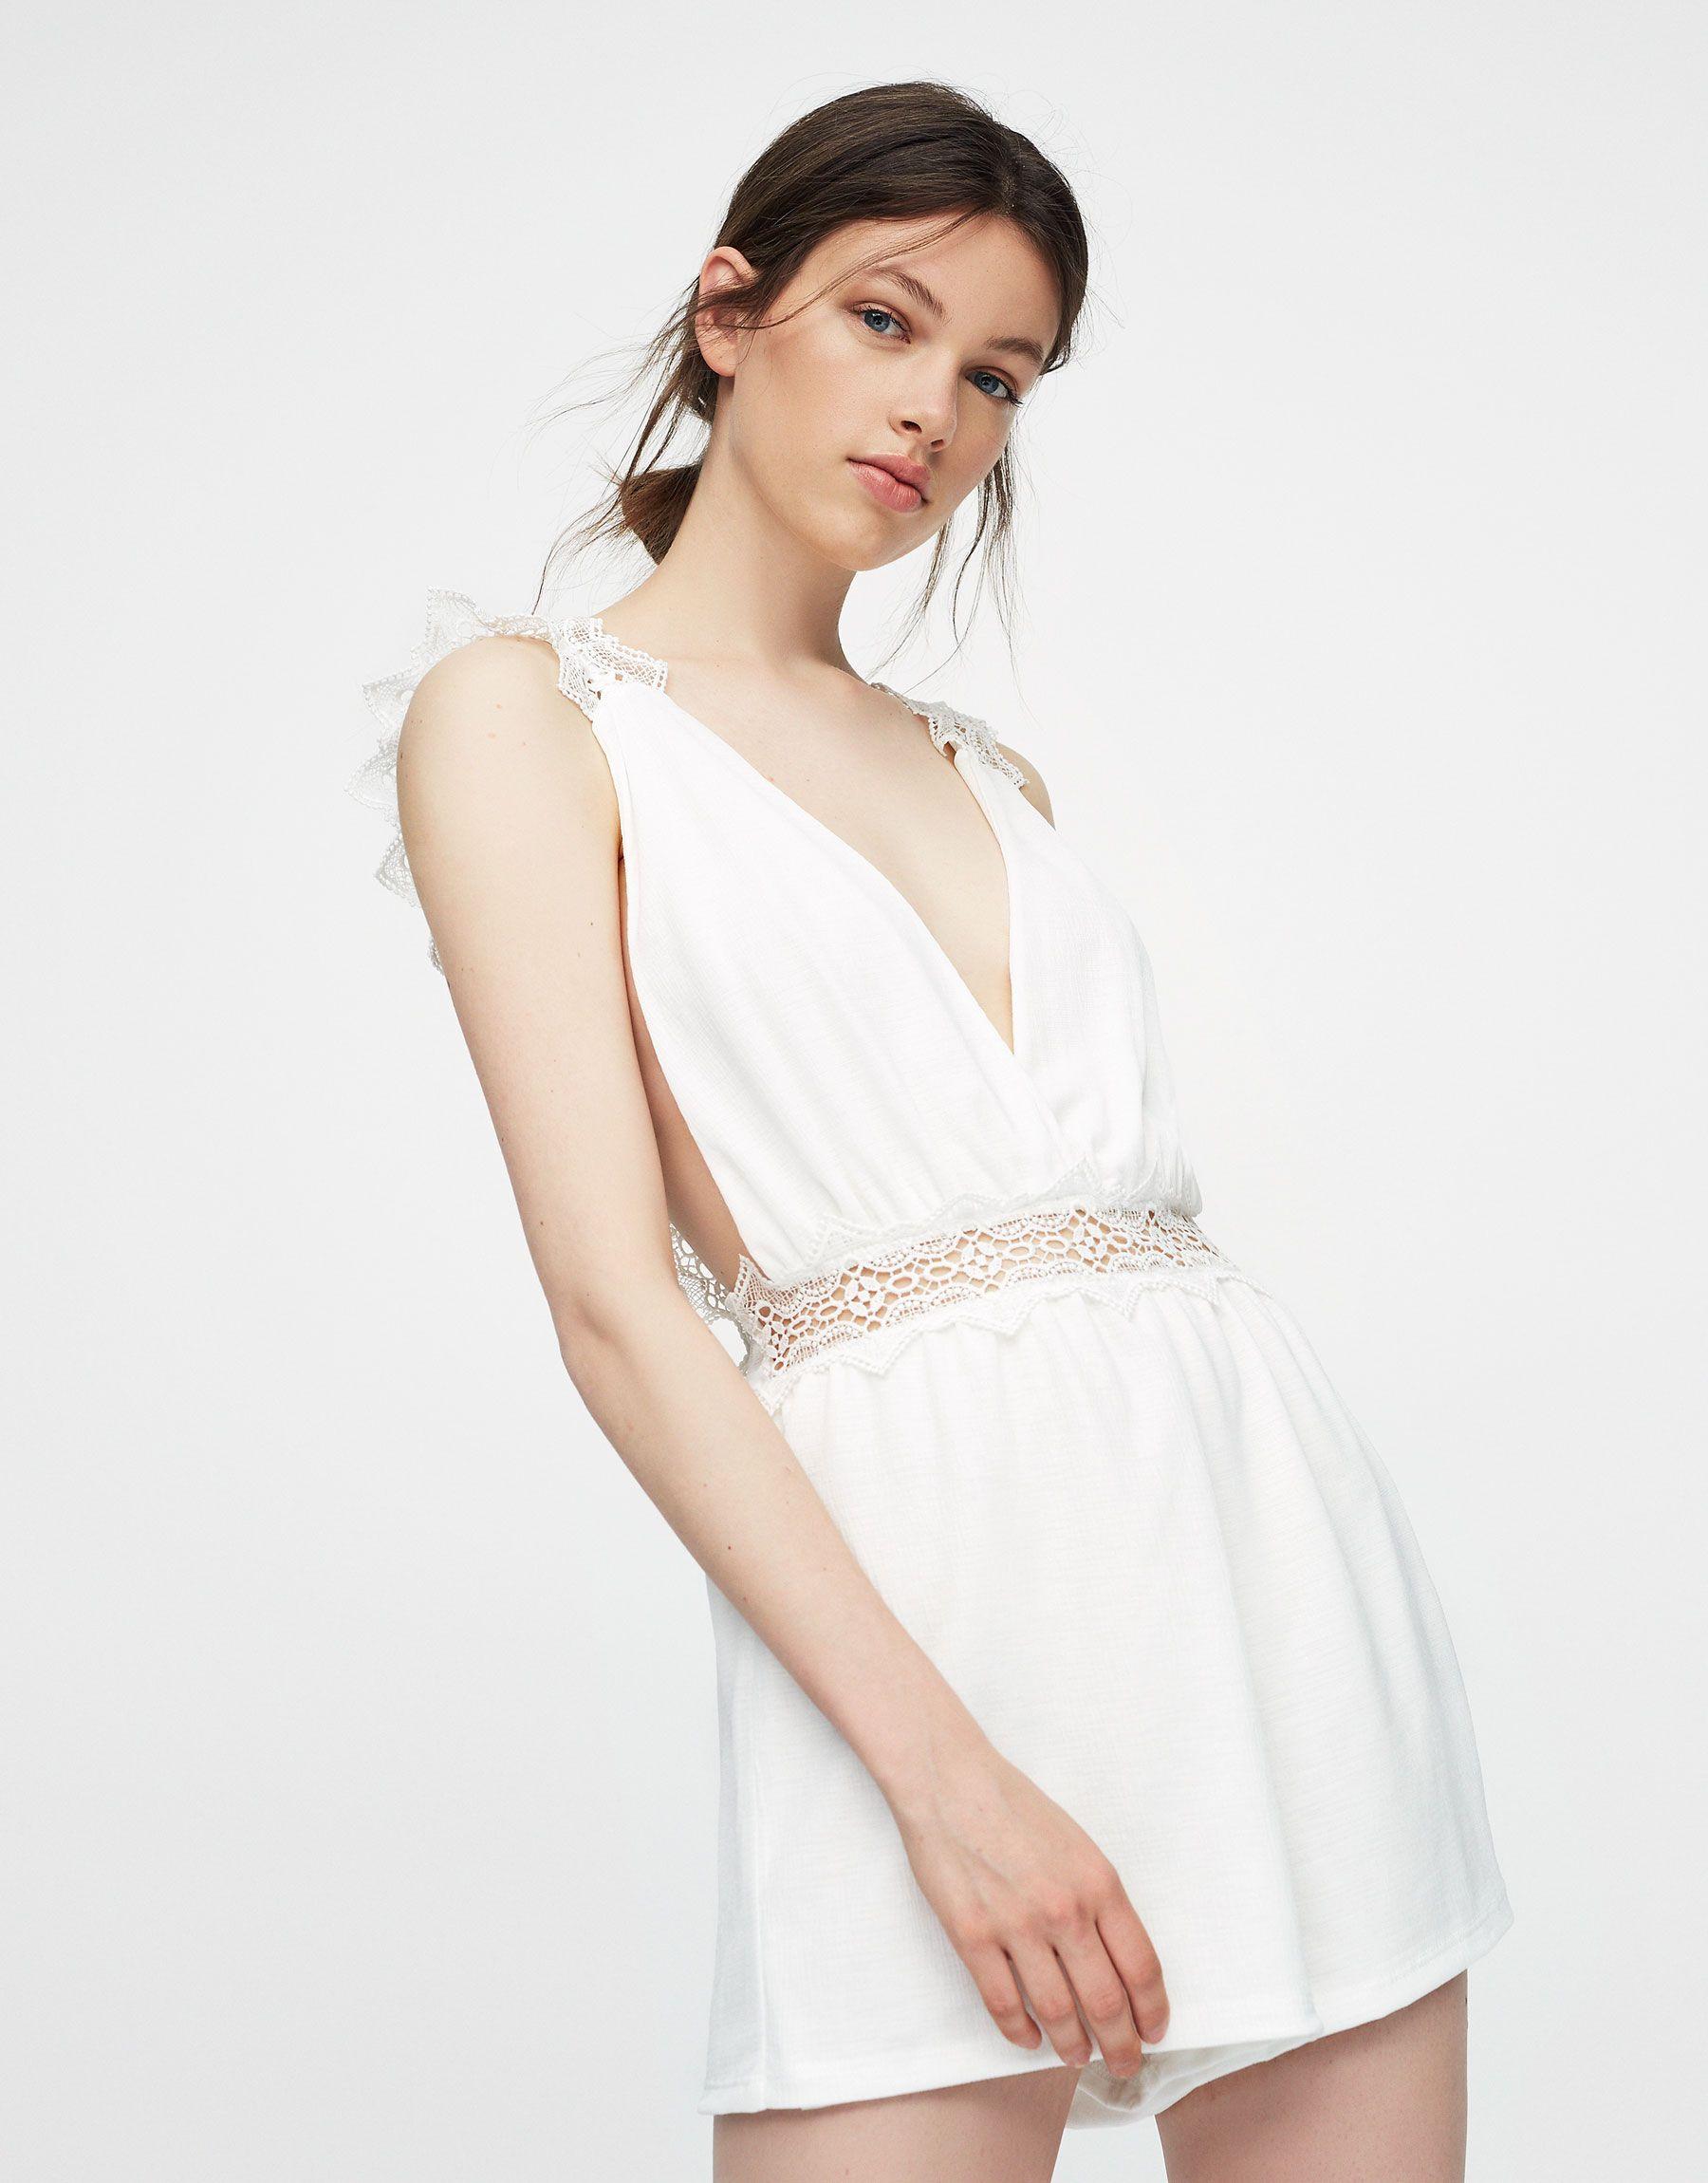 Combishort détail crochet - Salopettes - Vêtements - Femme ...